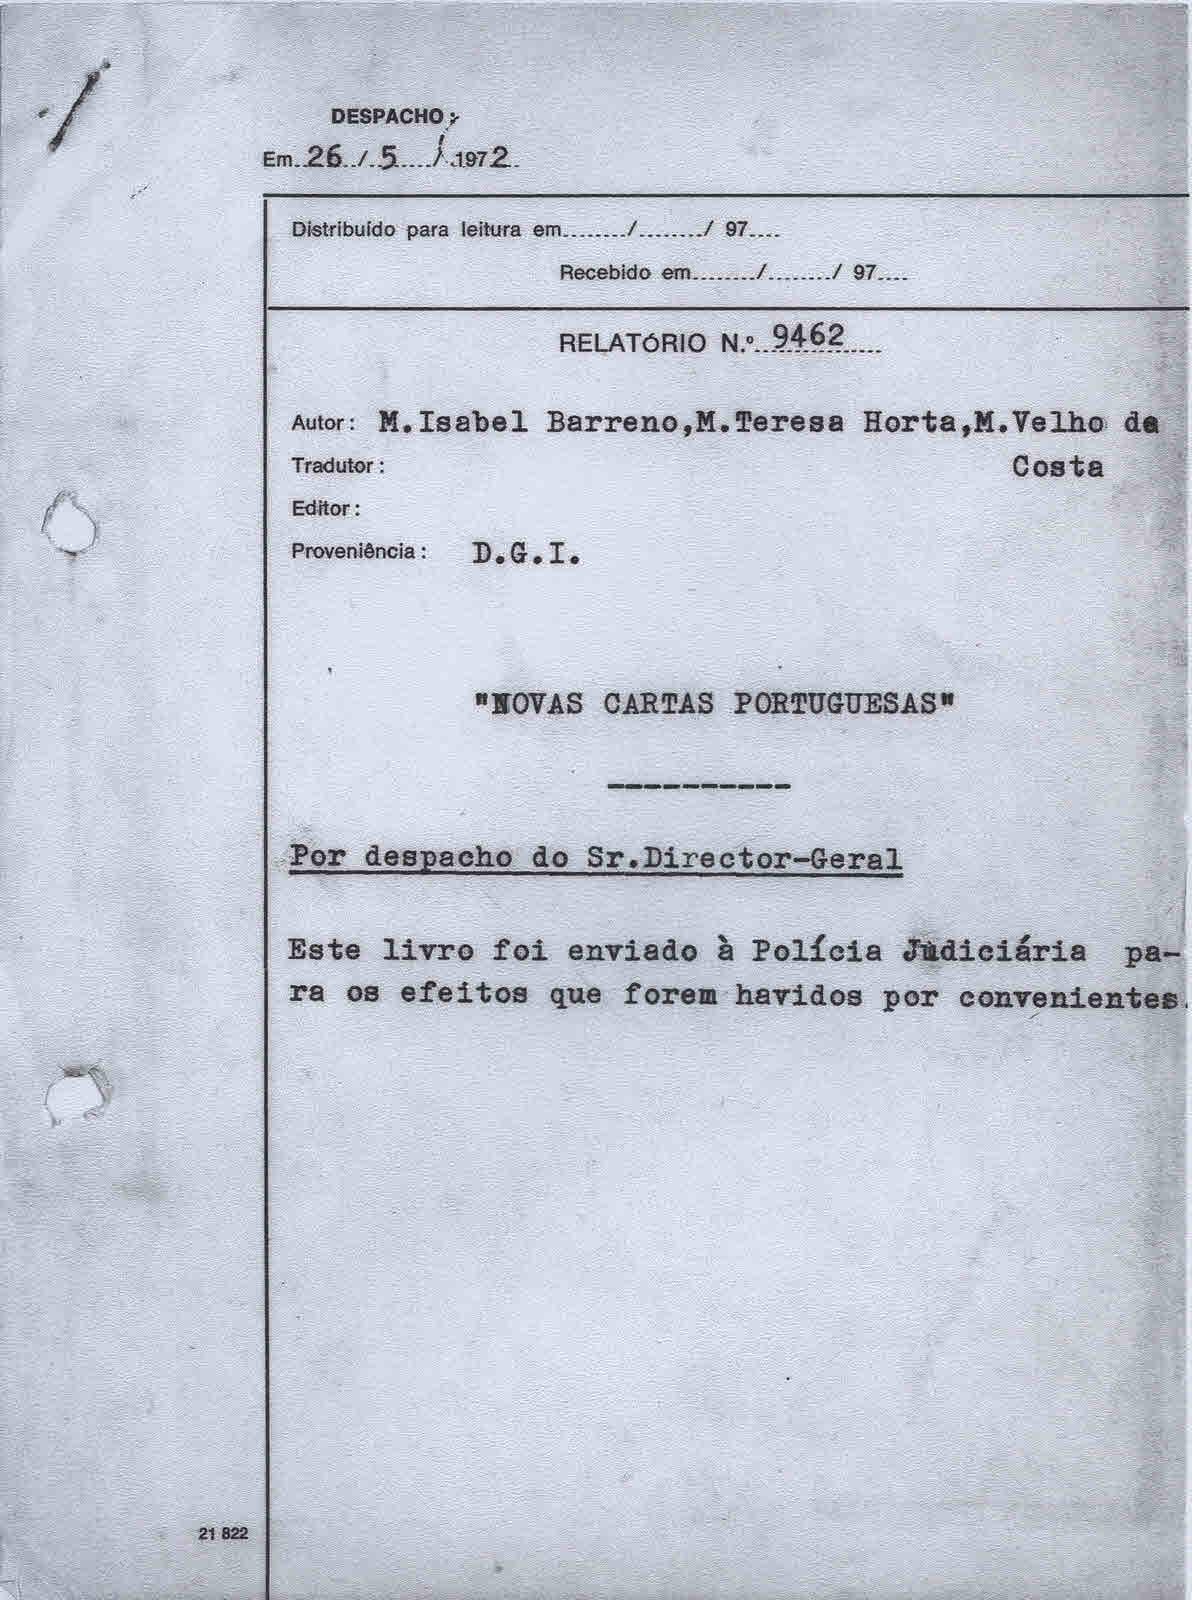 """CENSURA – RELATÓRIO Nº 9462 (26 DE MAIO DE 1972) RELATIVO A """"NOVAS CARTAS PORTUGUESAS"""" DE MARIA ISABEL BARRENO / MARIA TERESA HORTA / MARIA VELHO DA COSTA"""